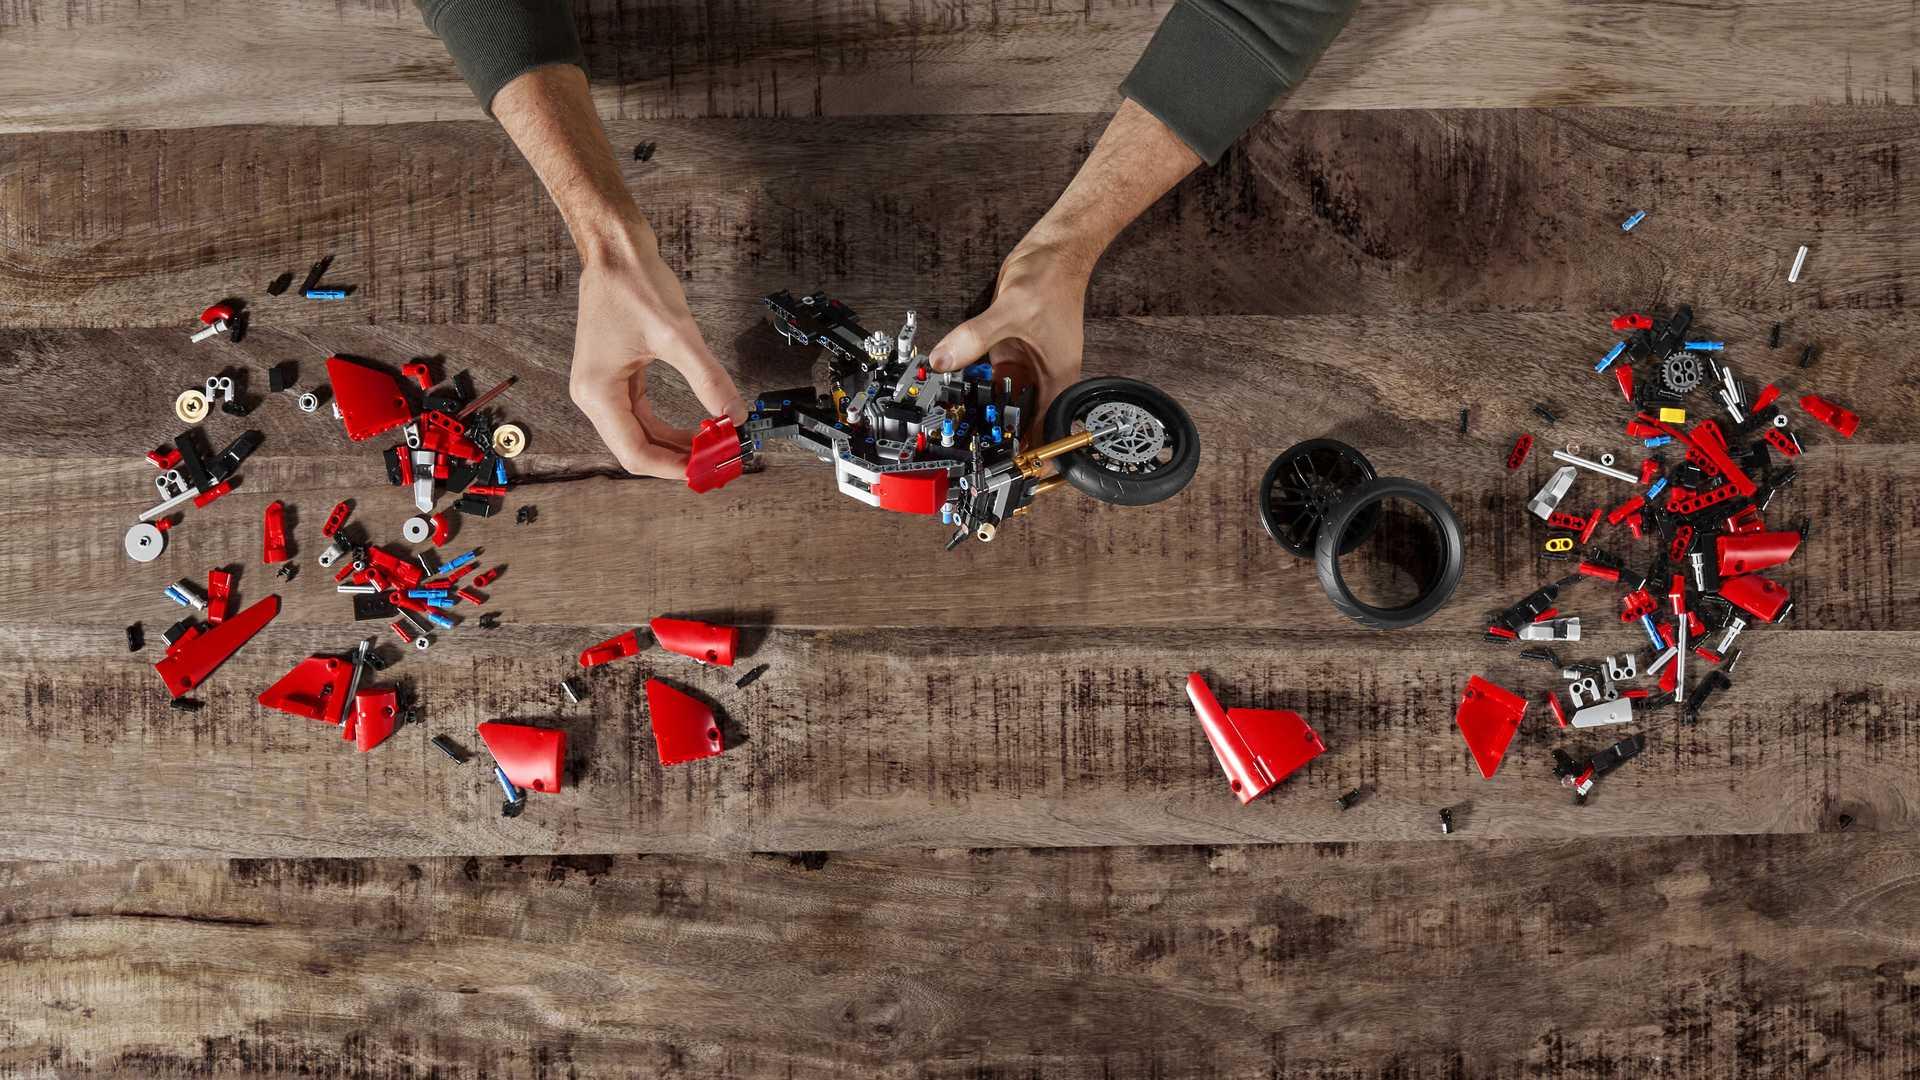 Супербайк Ducati Panigale V4 R можно собрать из LEGO